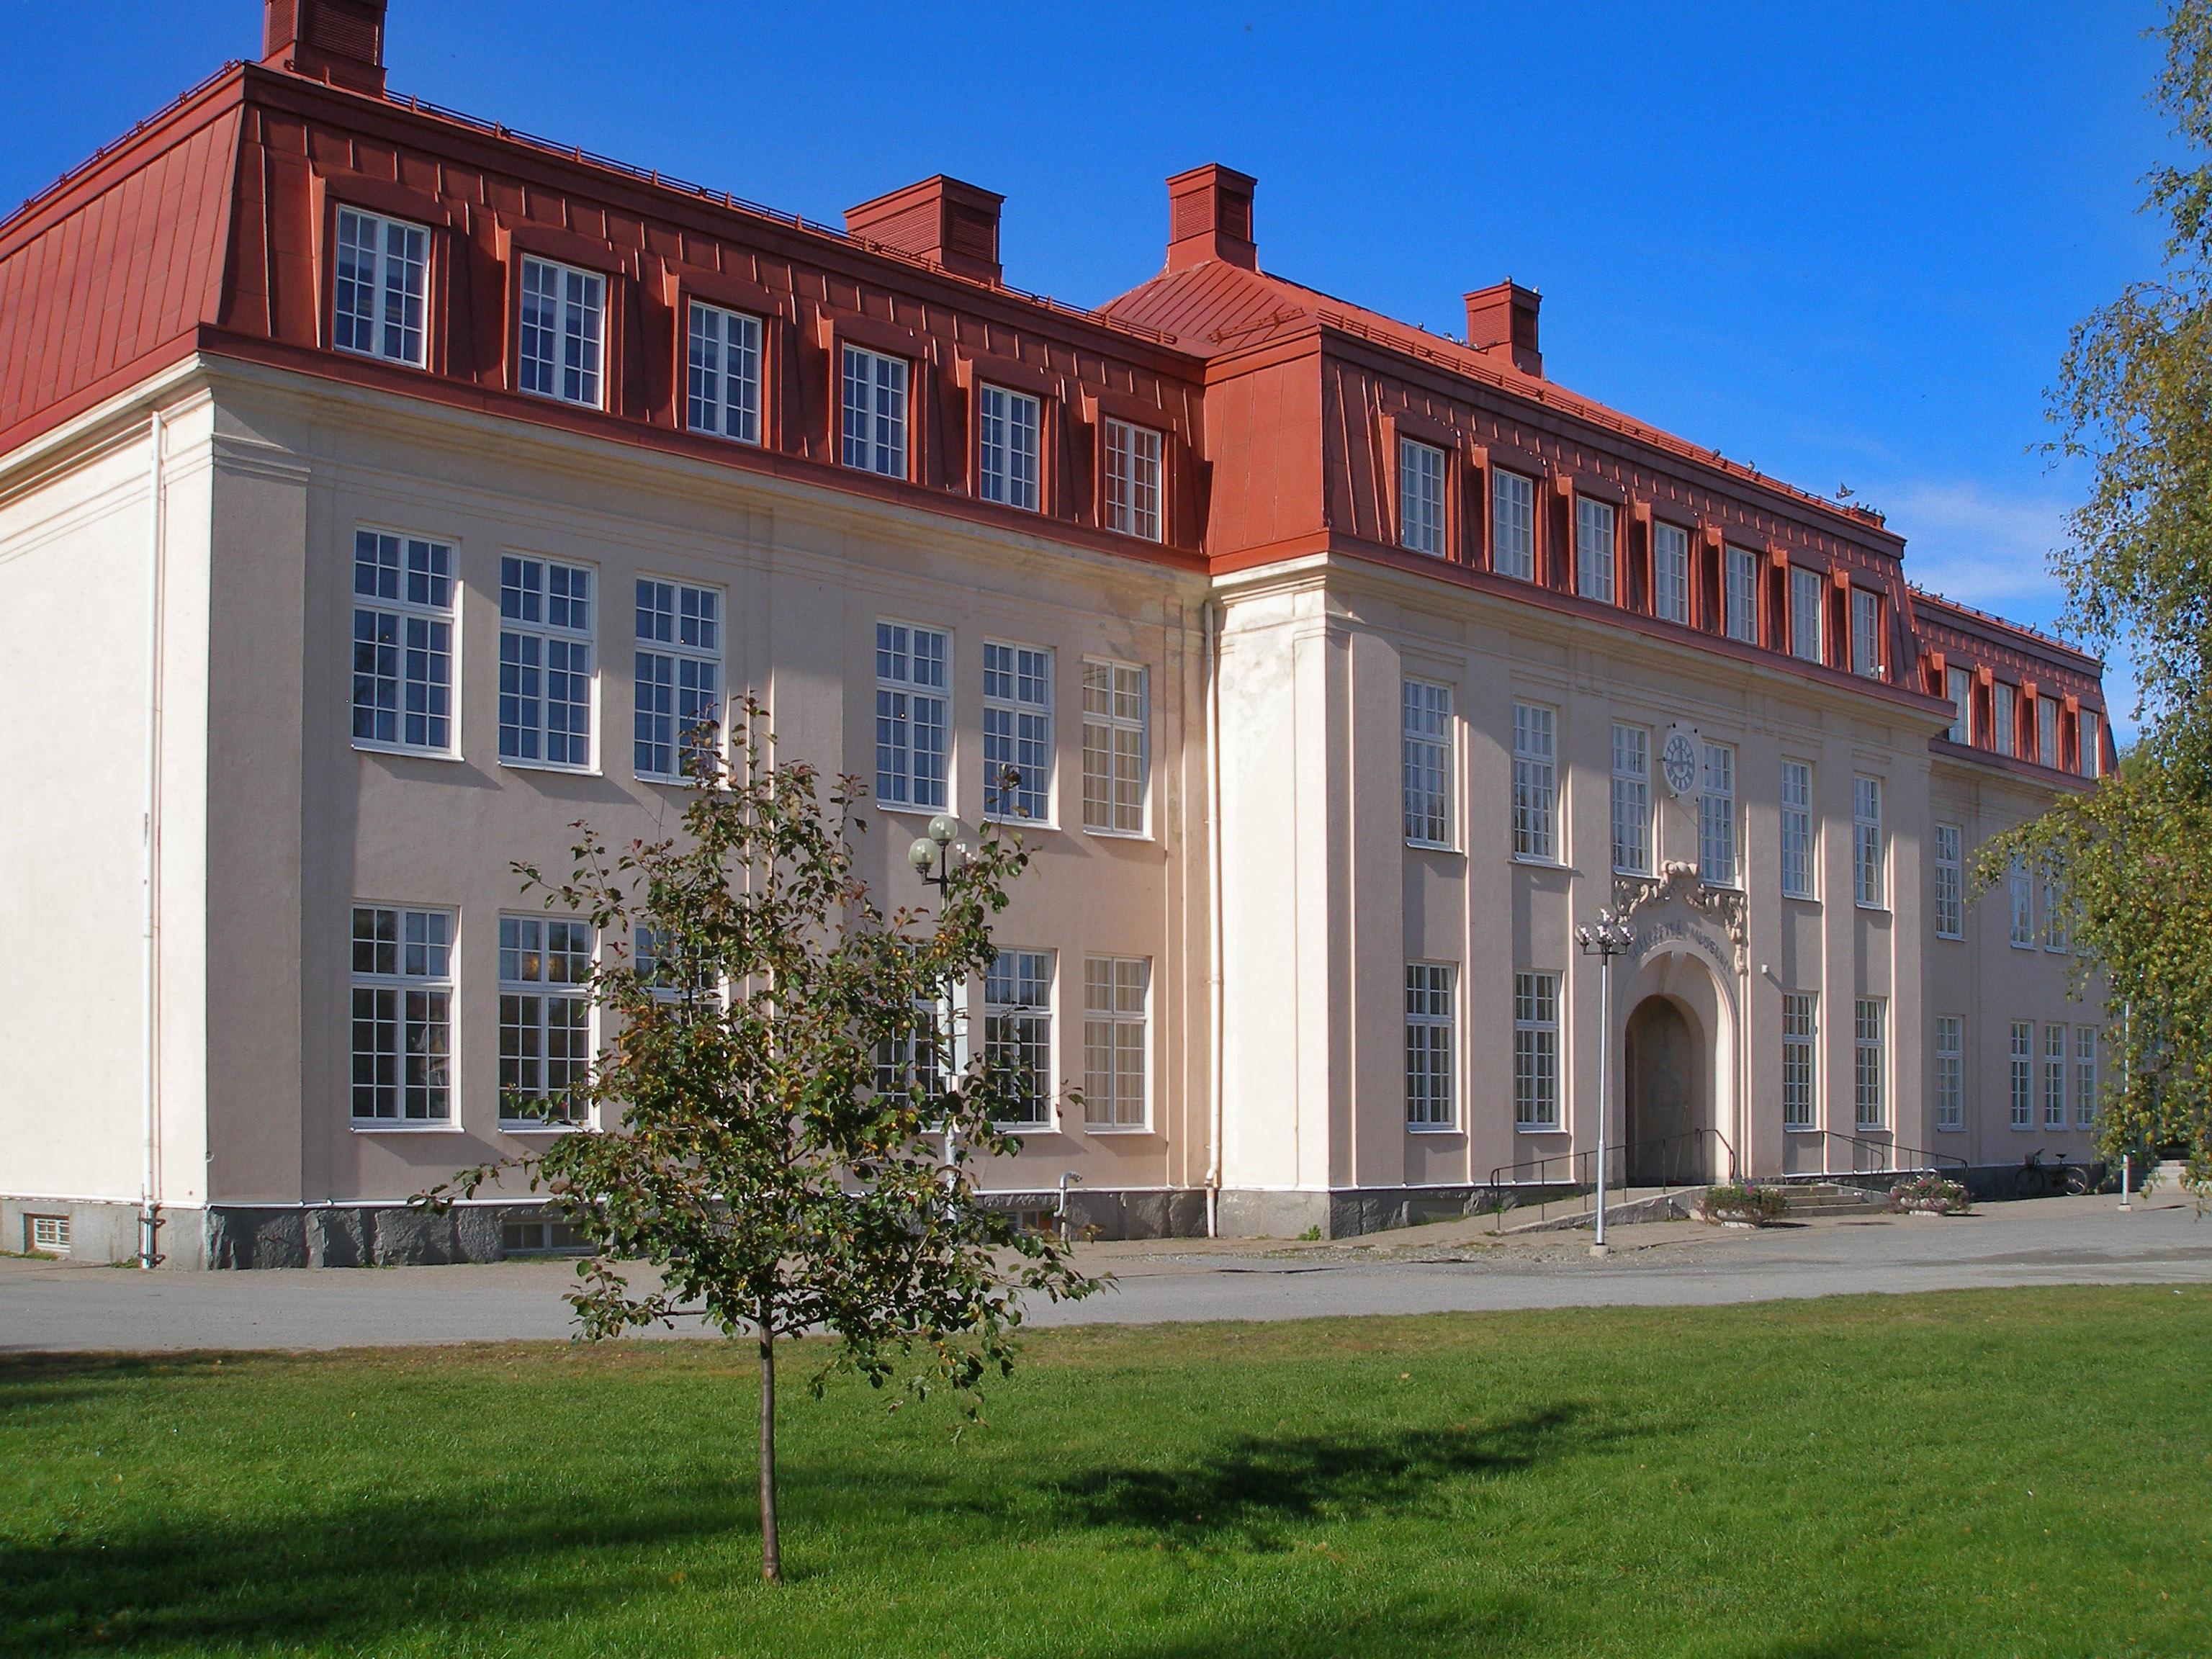 Nordanå Museum in Skellefteå, Sweden